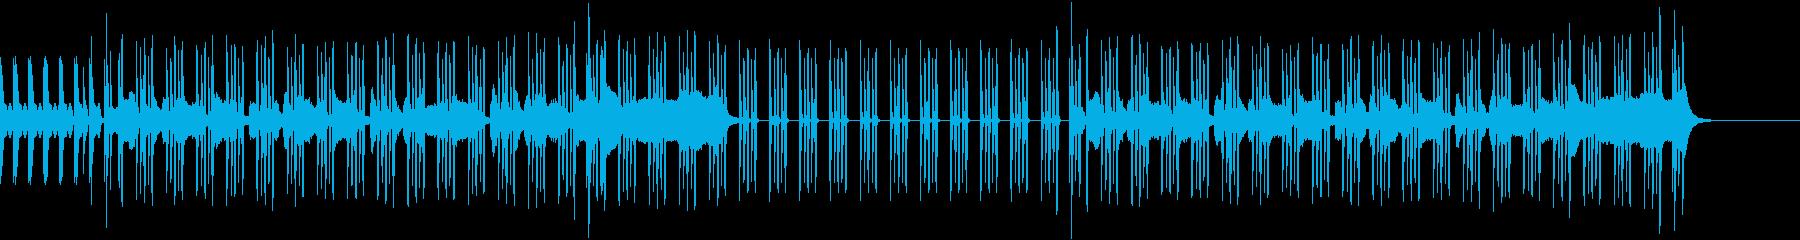 自然色の強いシンセ音にノリの良いリズムの再生済みの波形